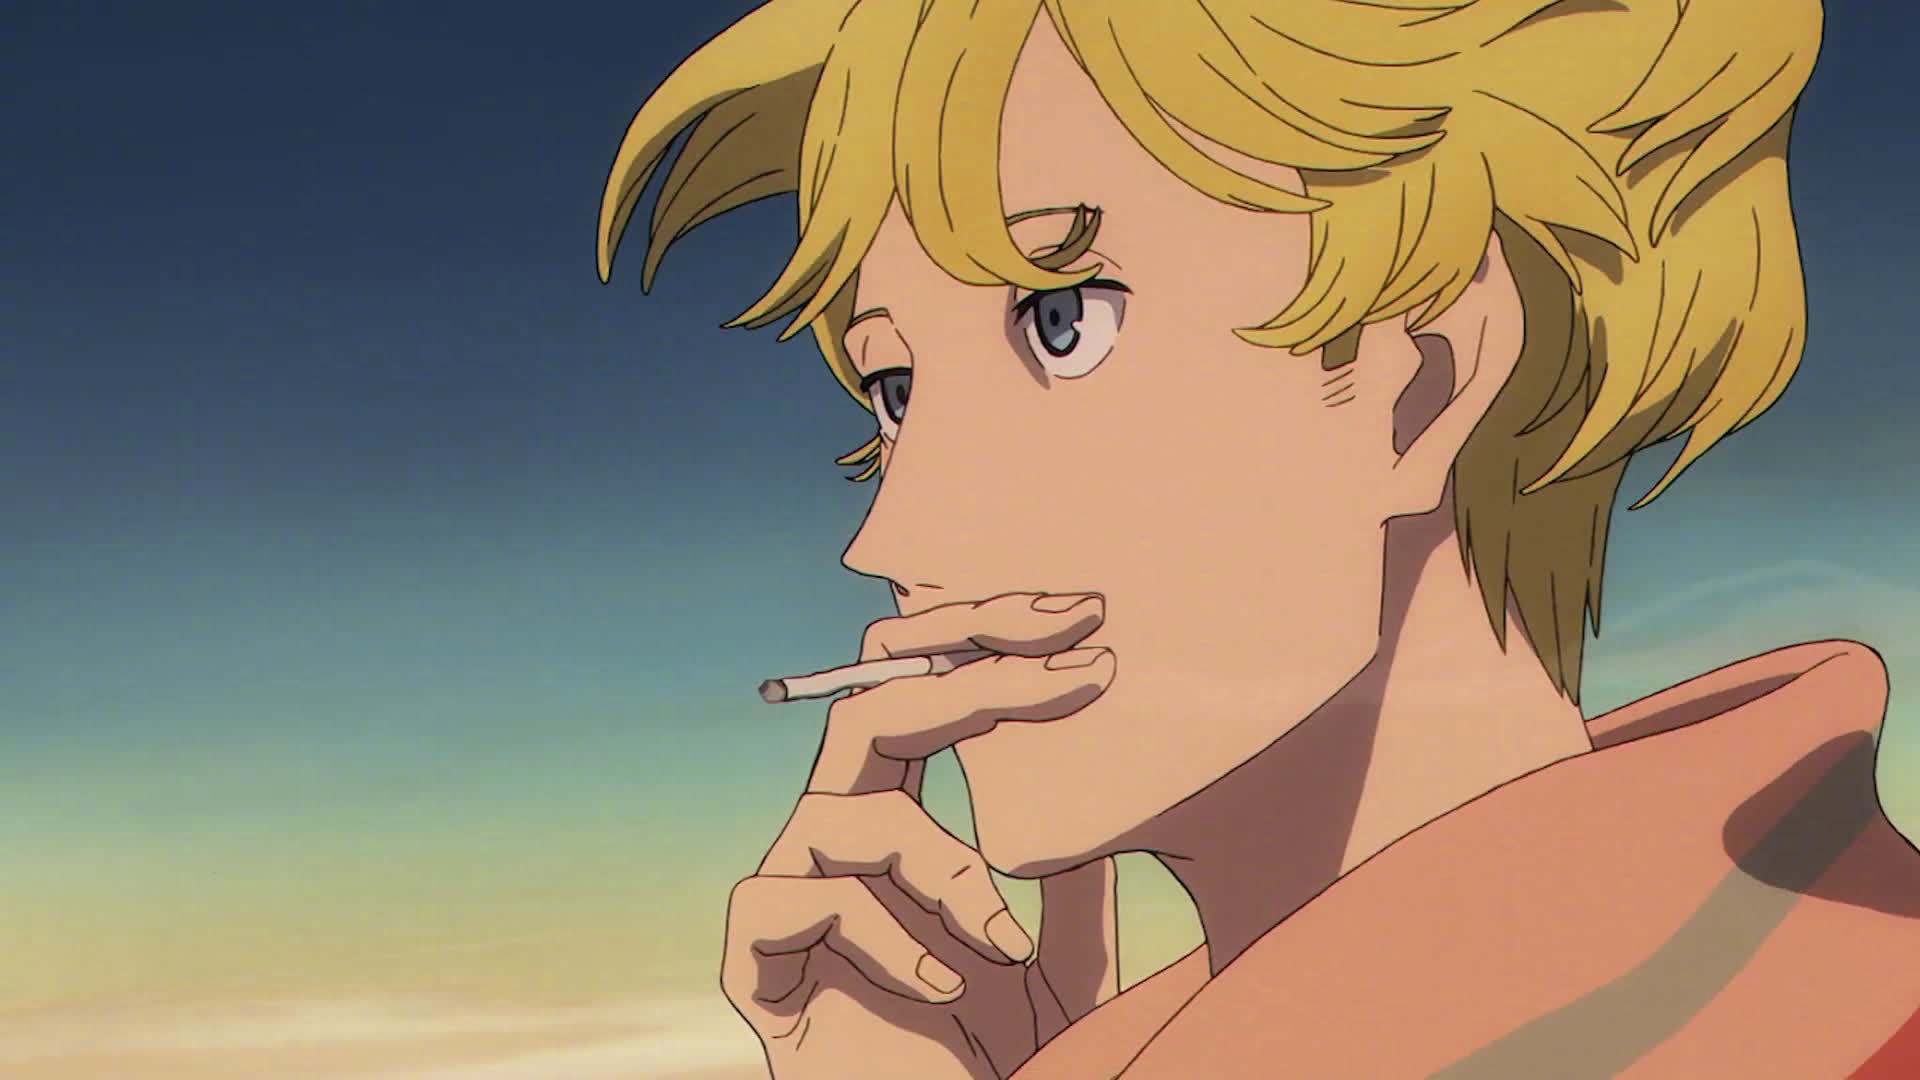 新作OVA《ACCA13区监察课 Regards》上映预告公开